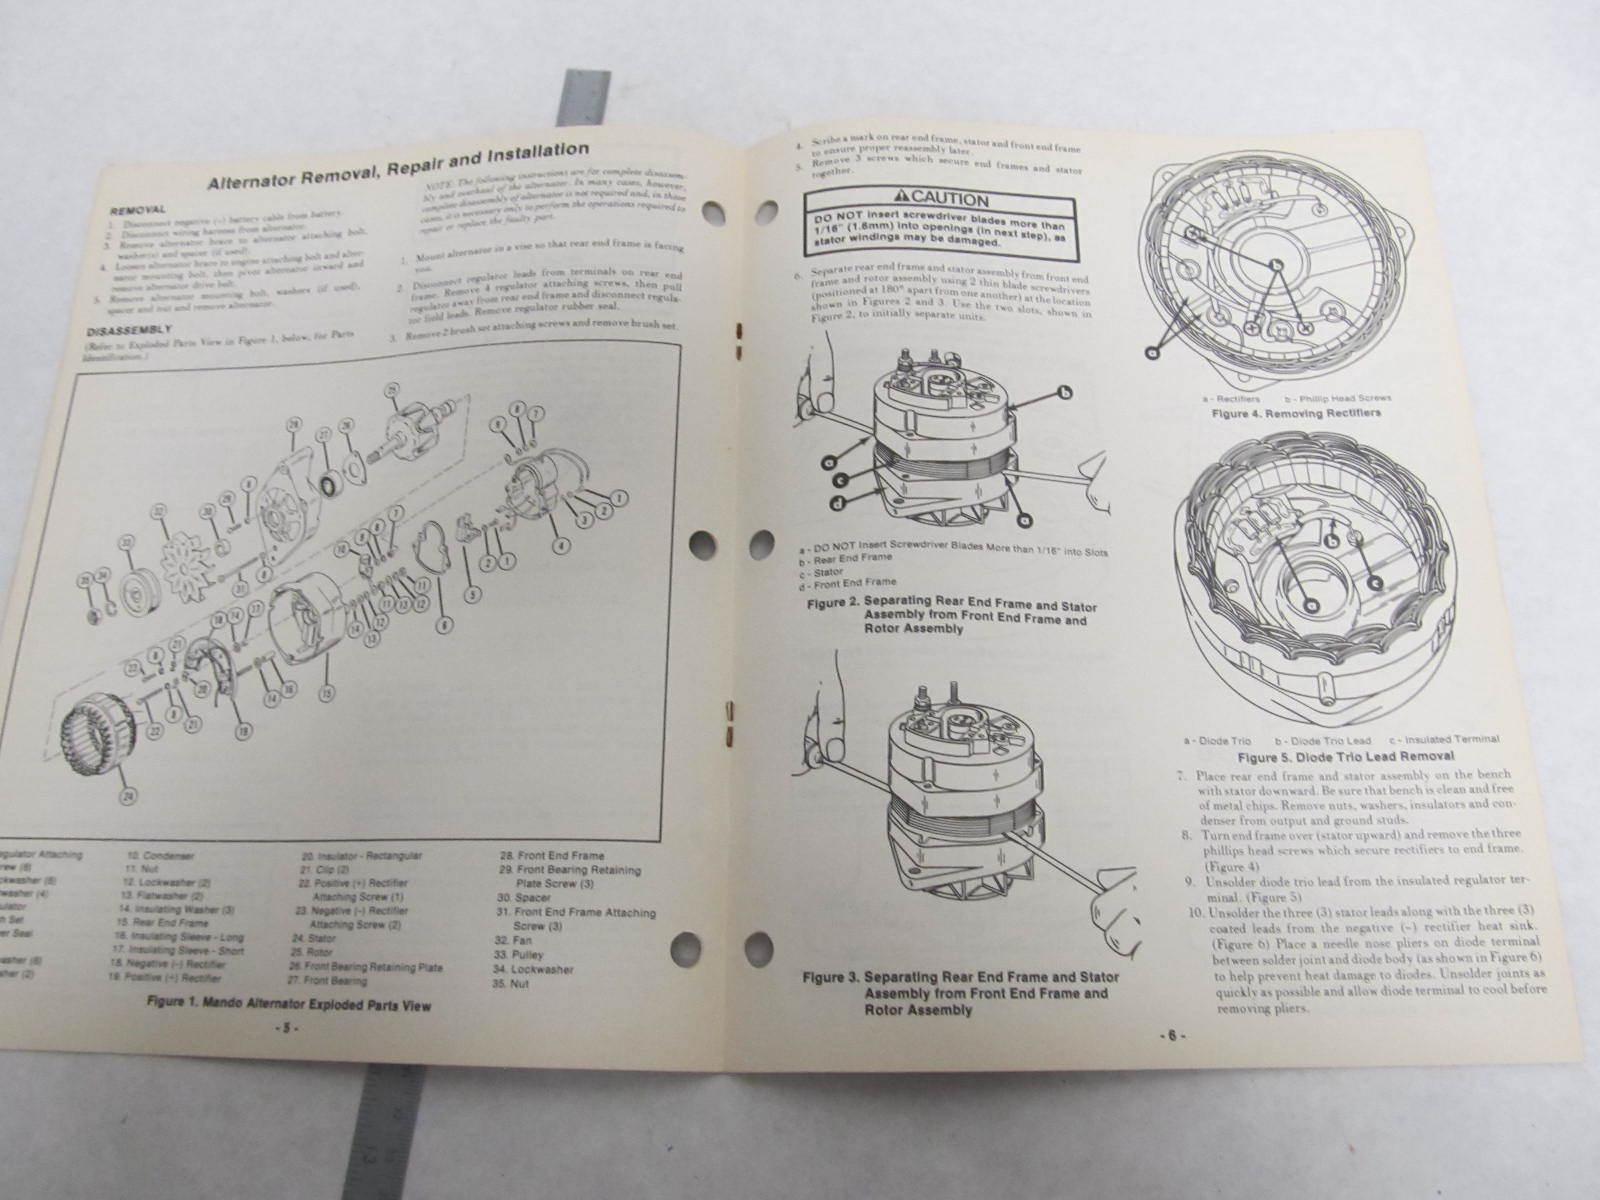 Schön Mando Marine Alternator Schaltplan Bilder - Elektrische ...